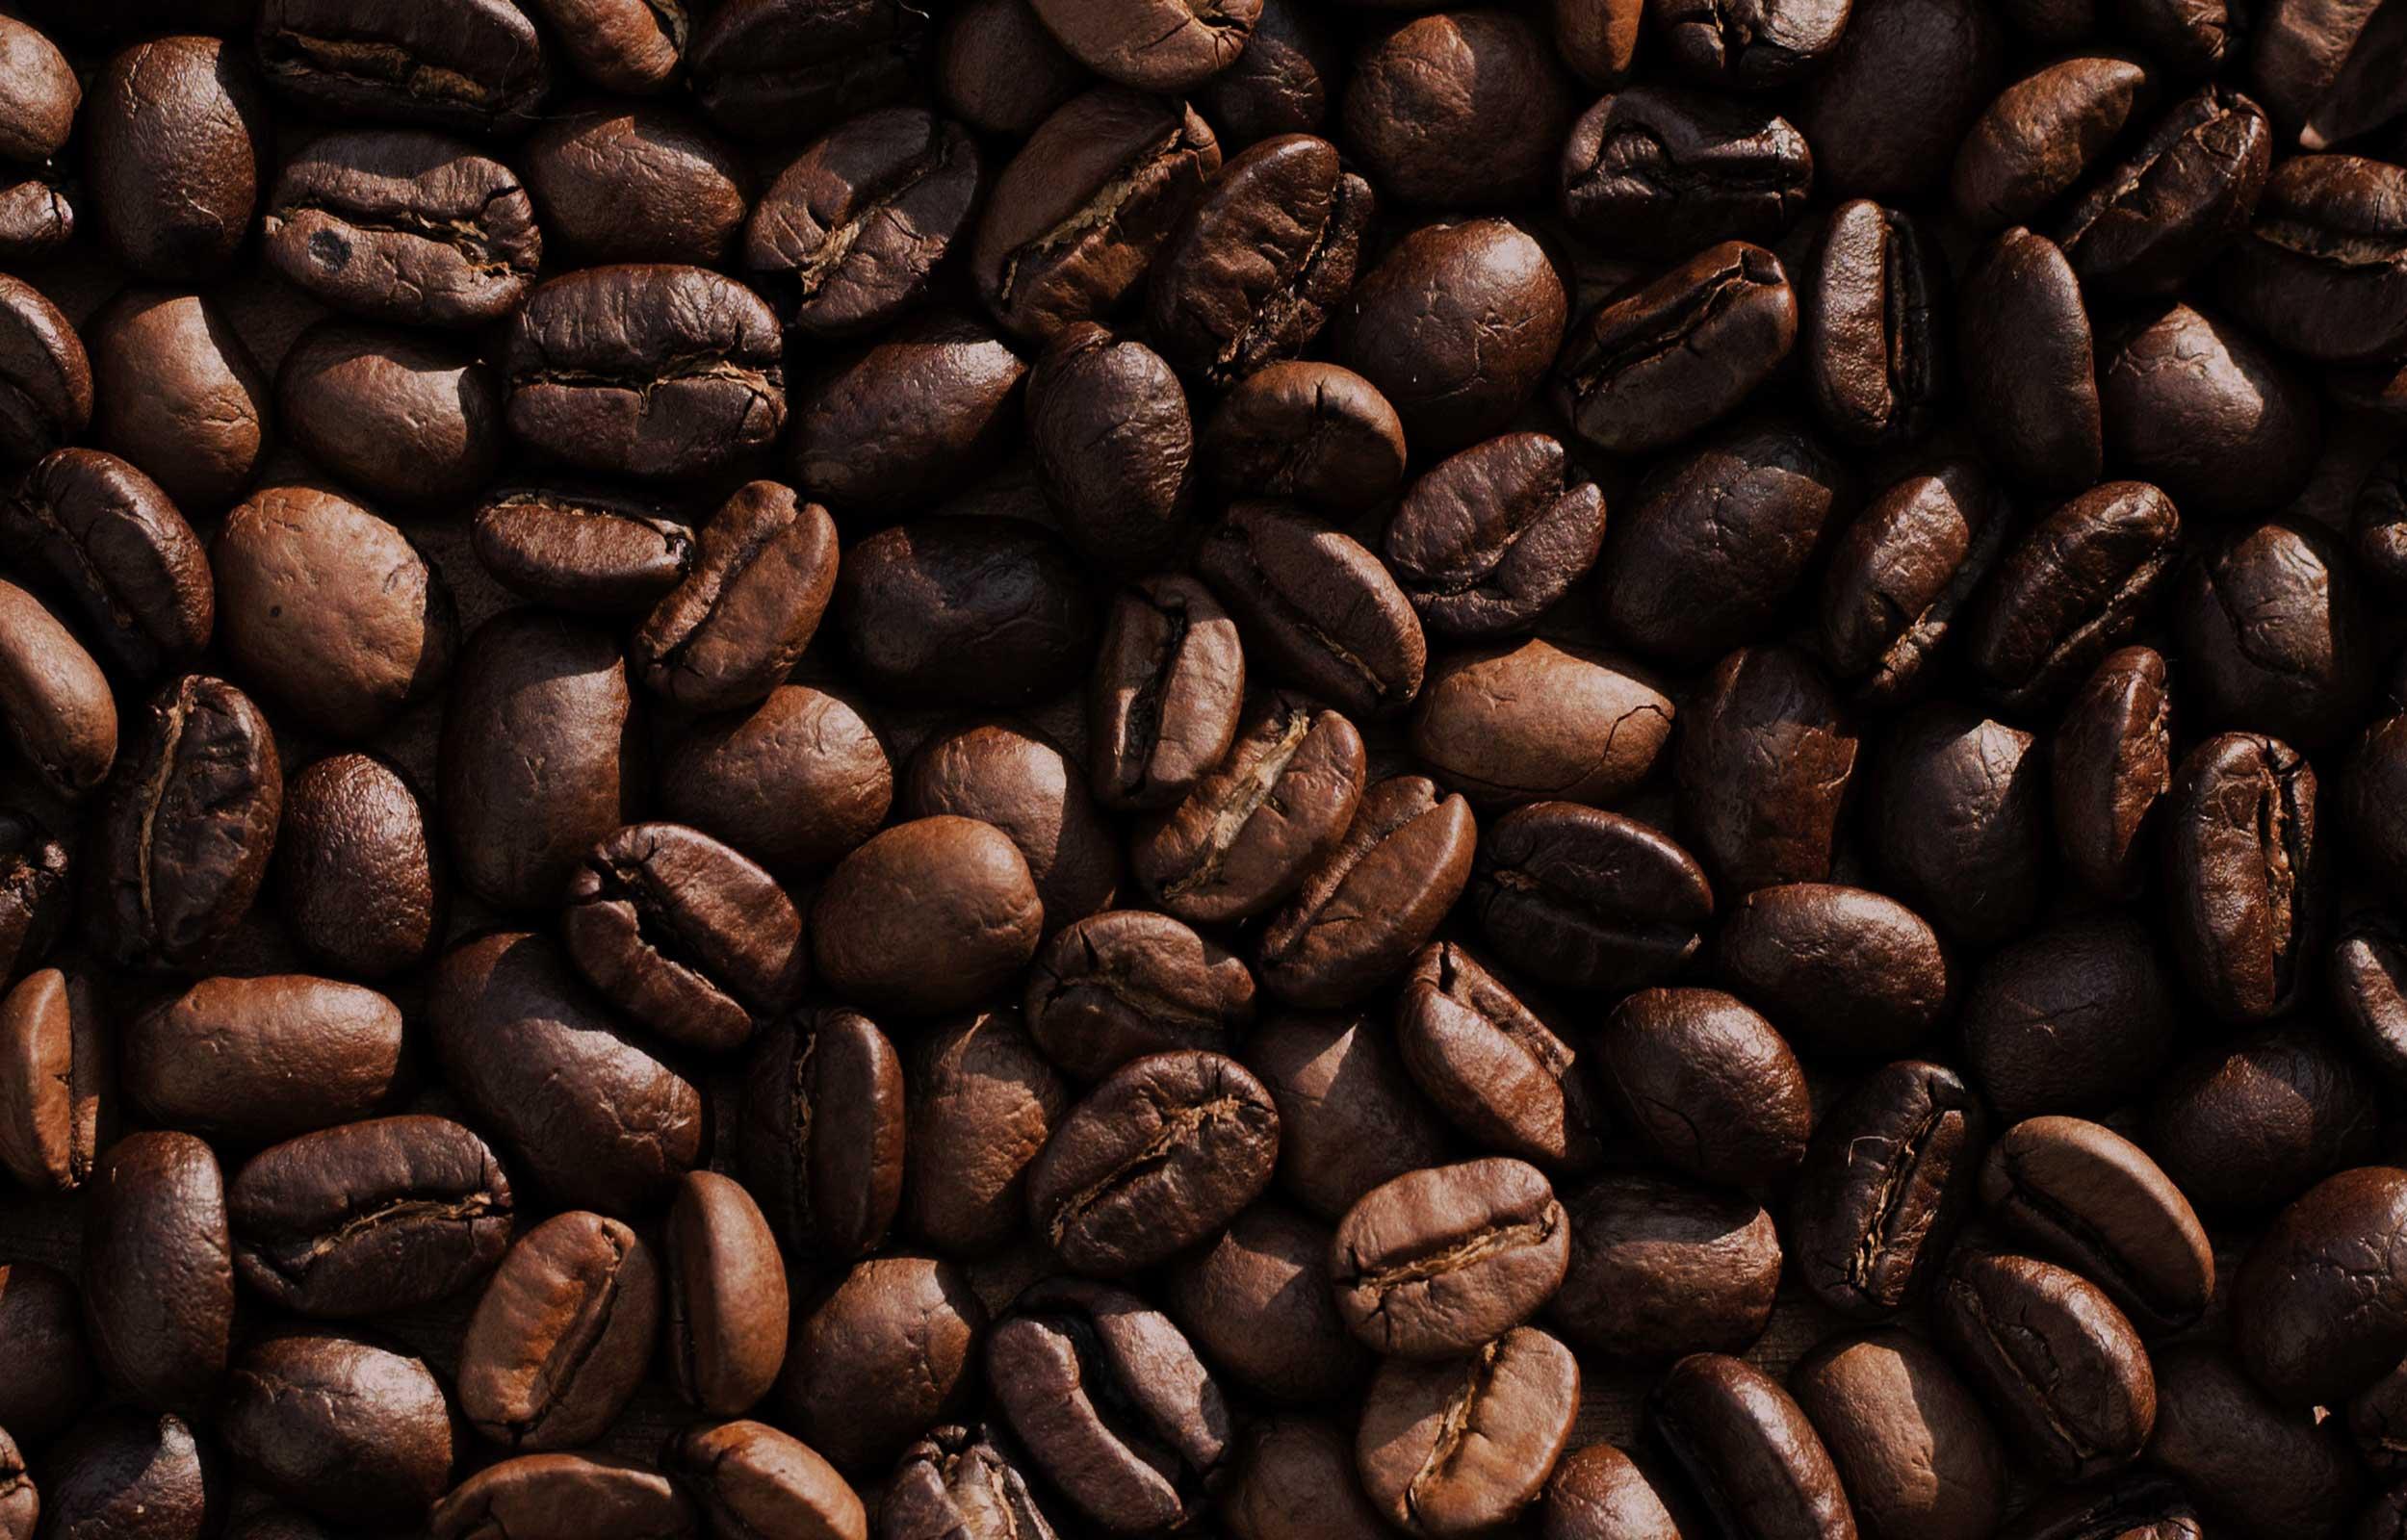 Diferente_Cafetoria_Coffee_Beans